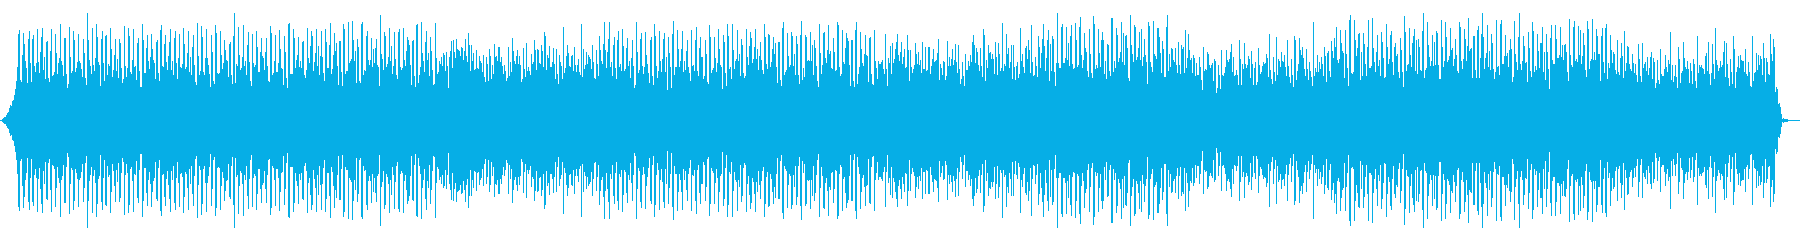 サービス紹介動画・IT・清涼感・シンプルの再生済みの波形